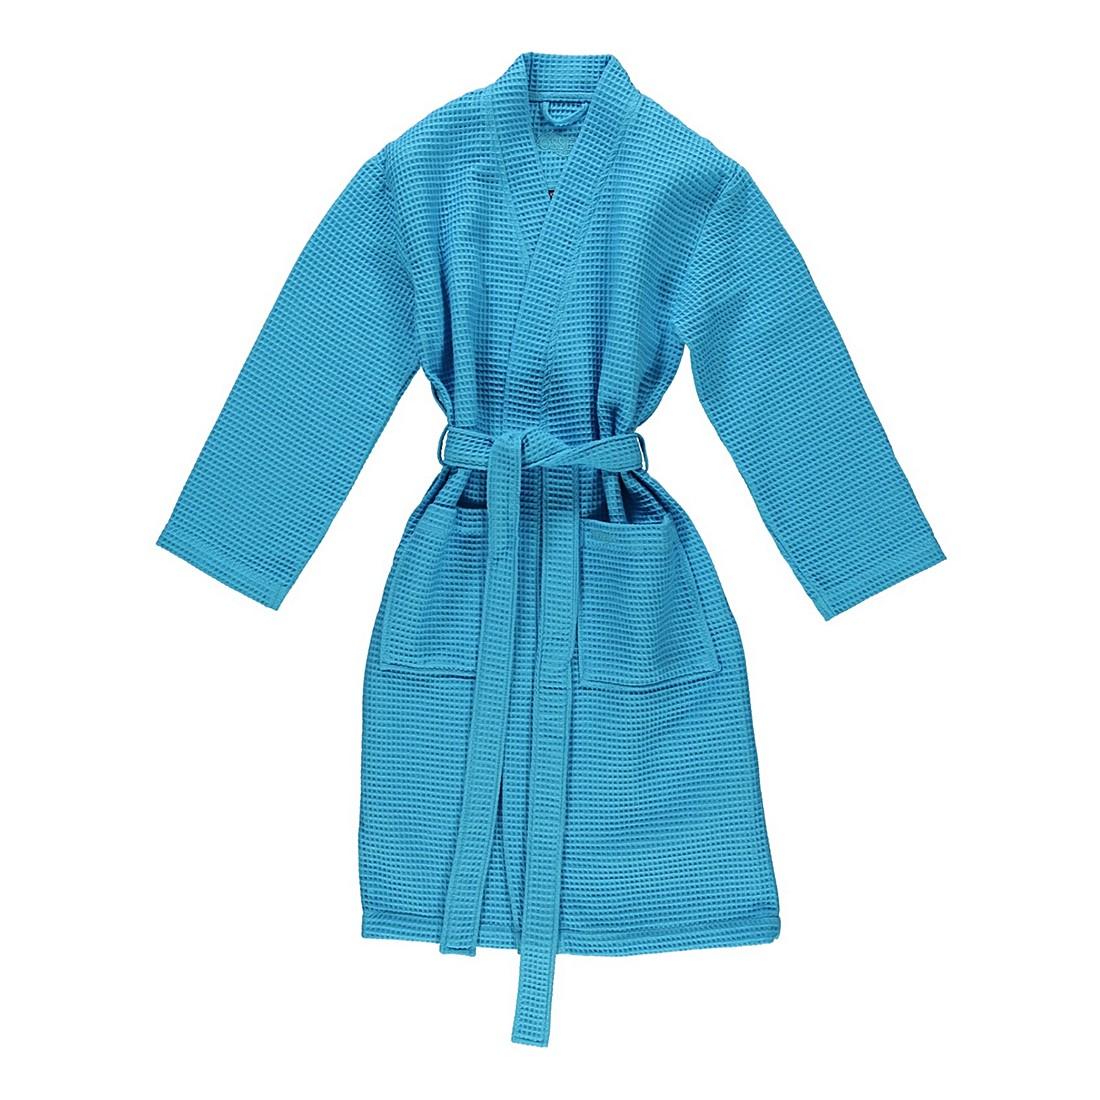 Bademantel unisex Pique Rom – 100% Baumwolle turquoise – 557 – Größe: S, Vossen günstig